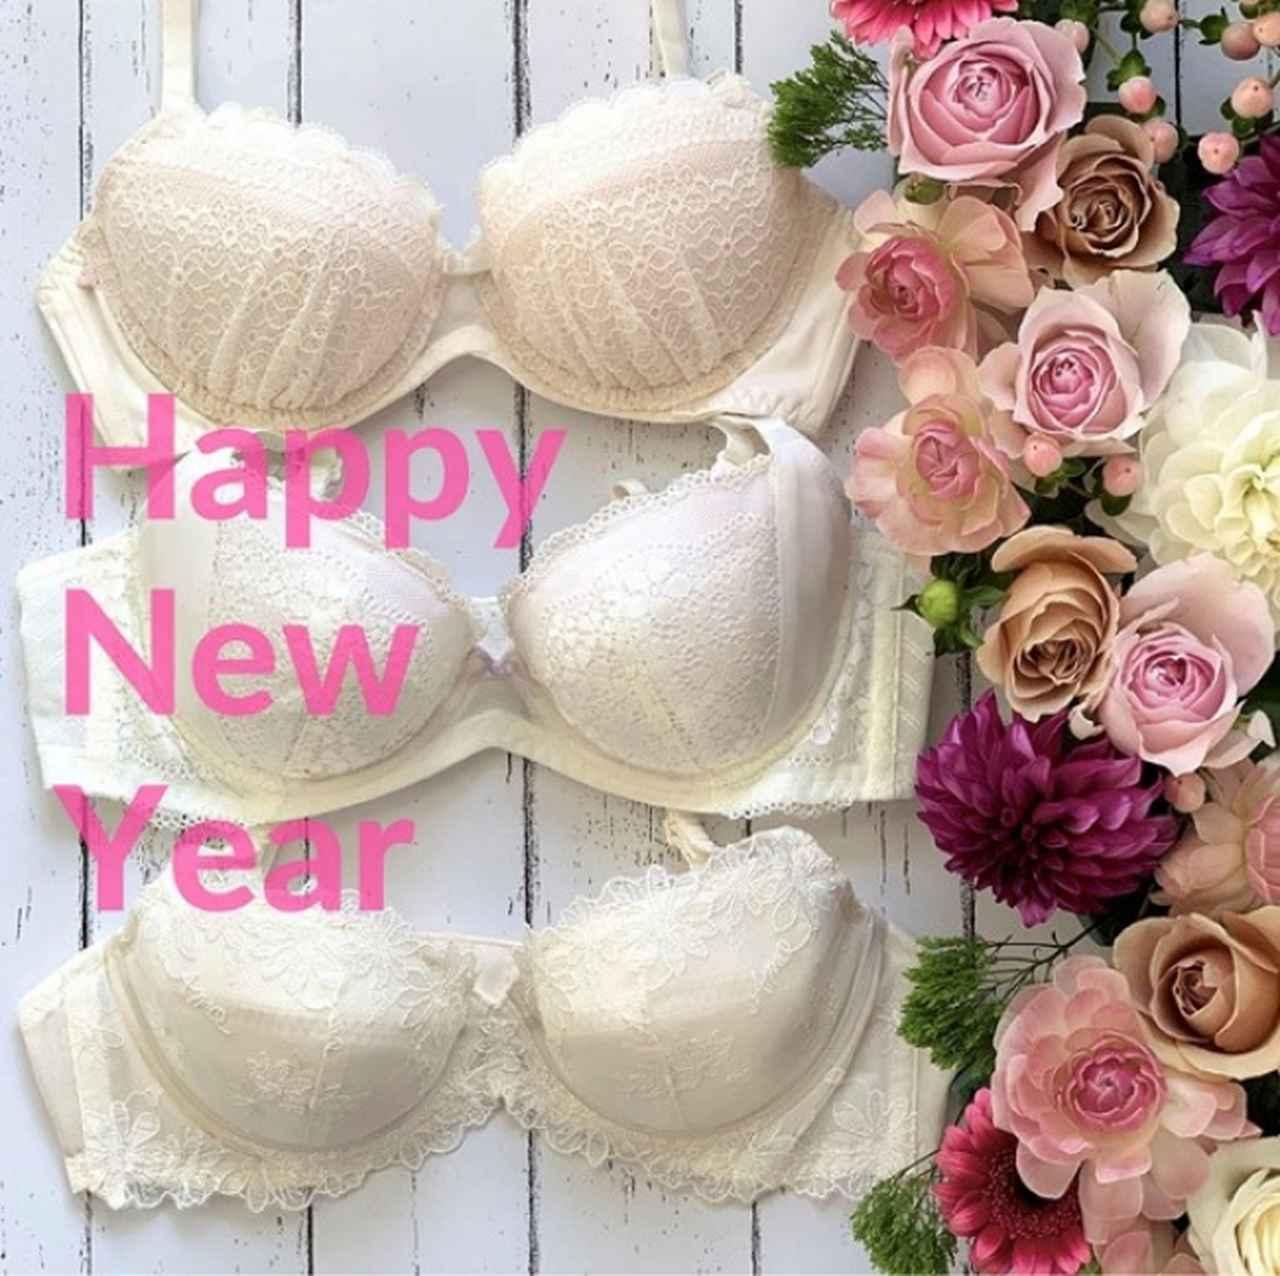 画像: ミレニアル世代に聞いた年末年始の下着事情。47.5%の人が新年・お正月に新しい下着を着けたいと回答!